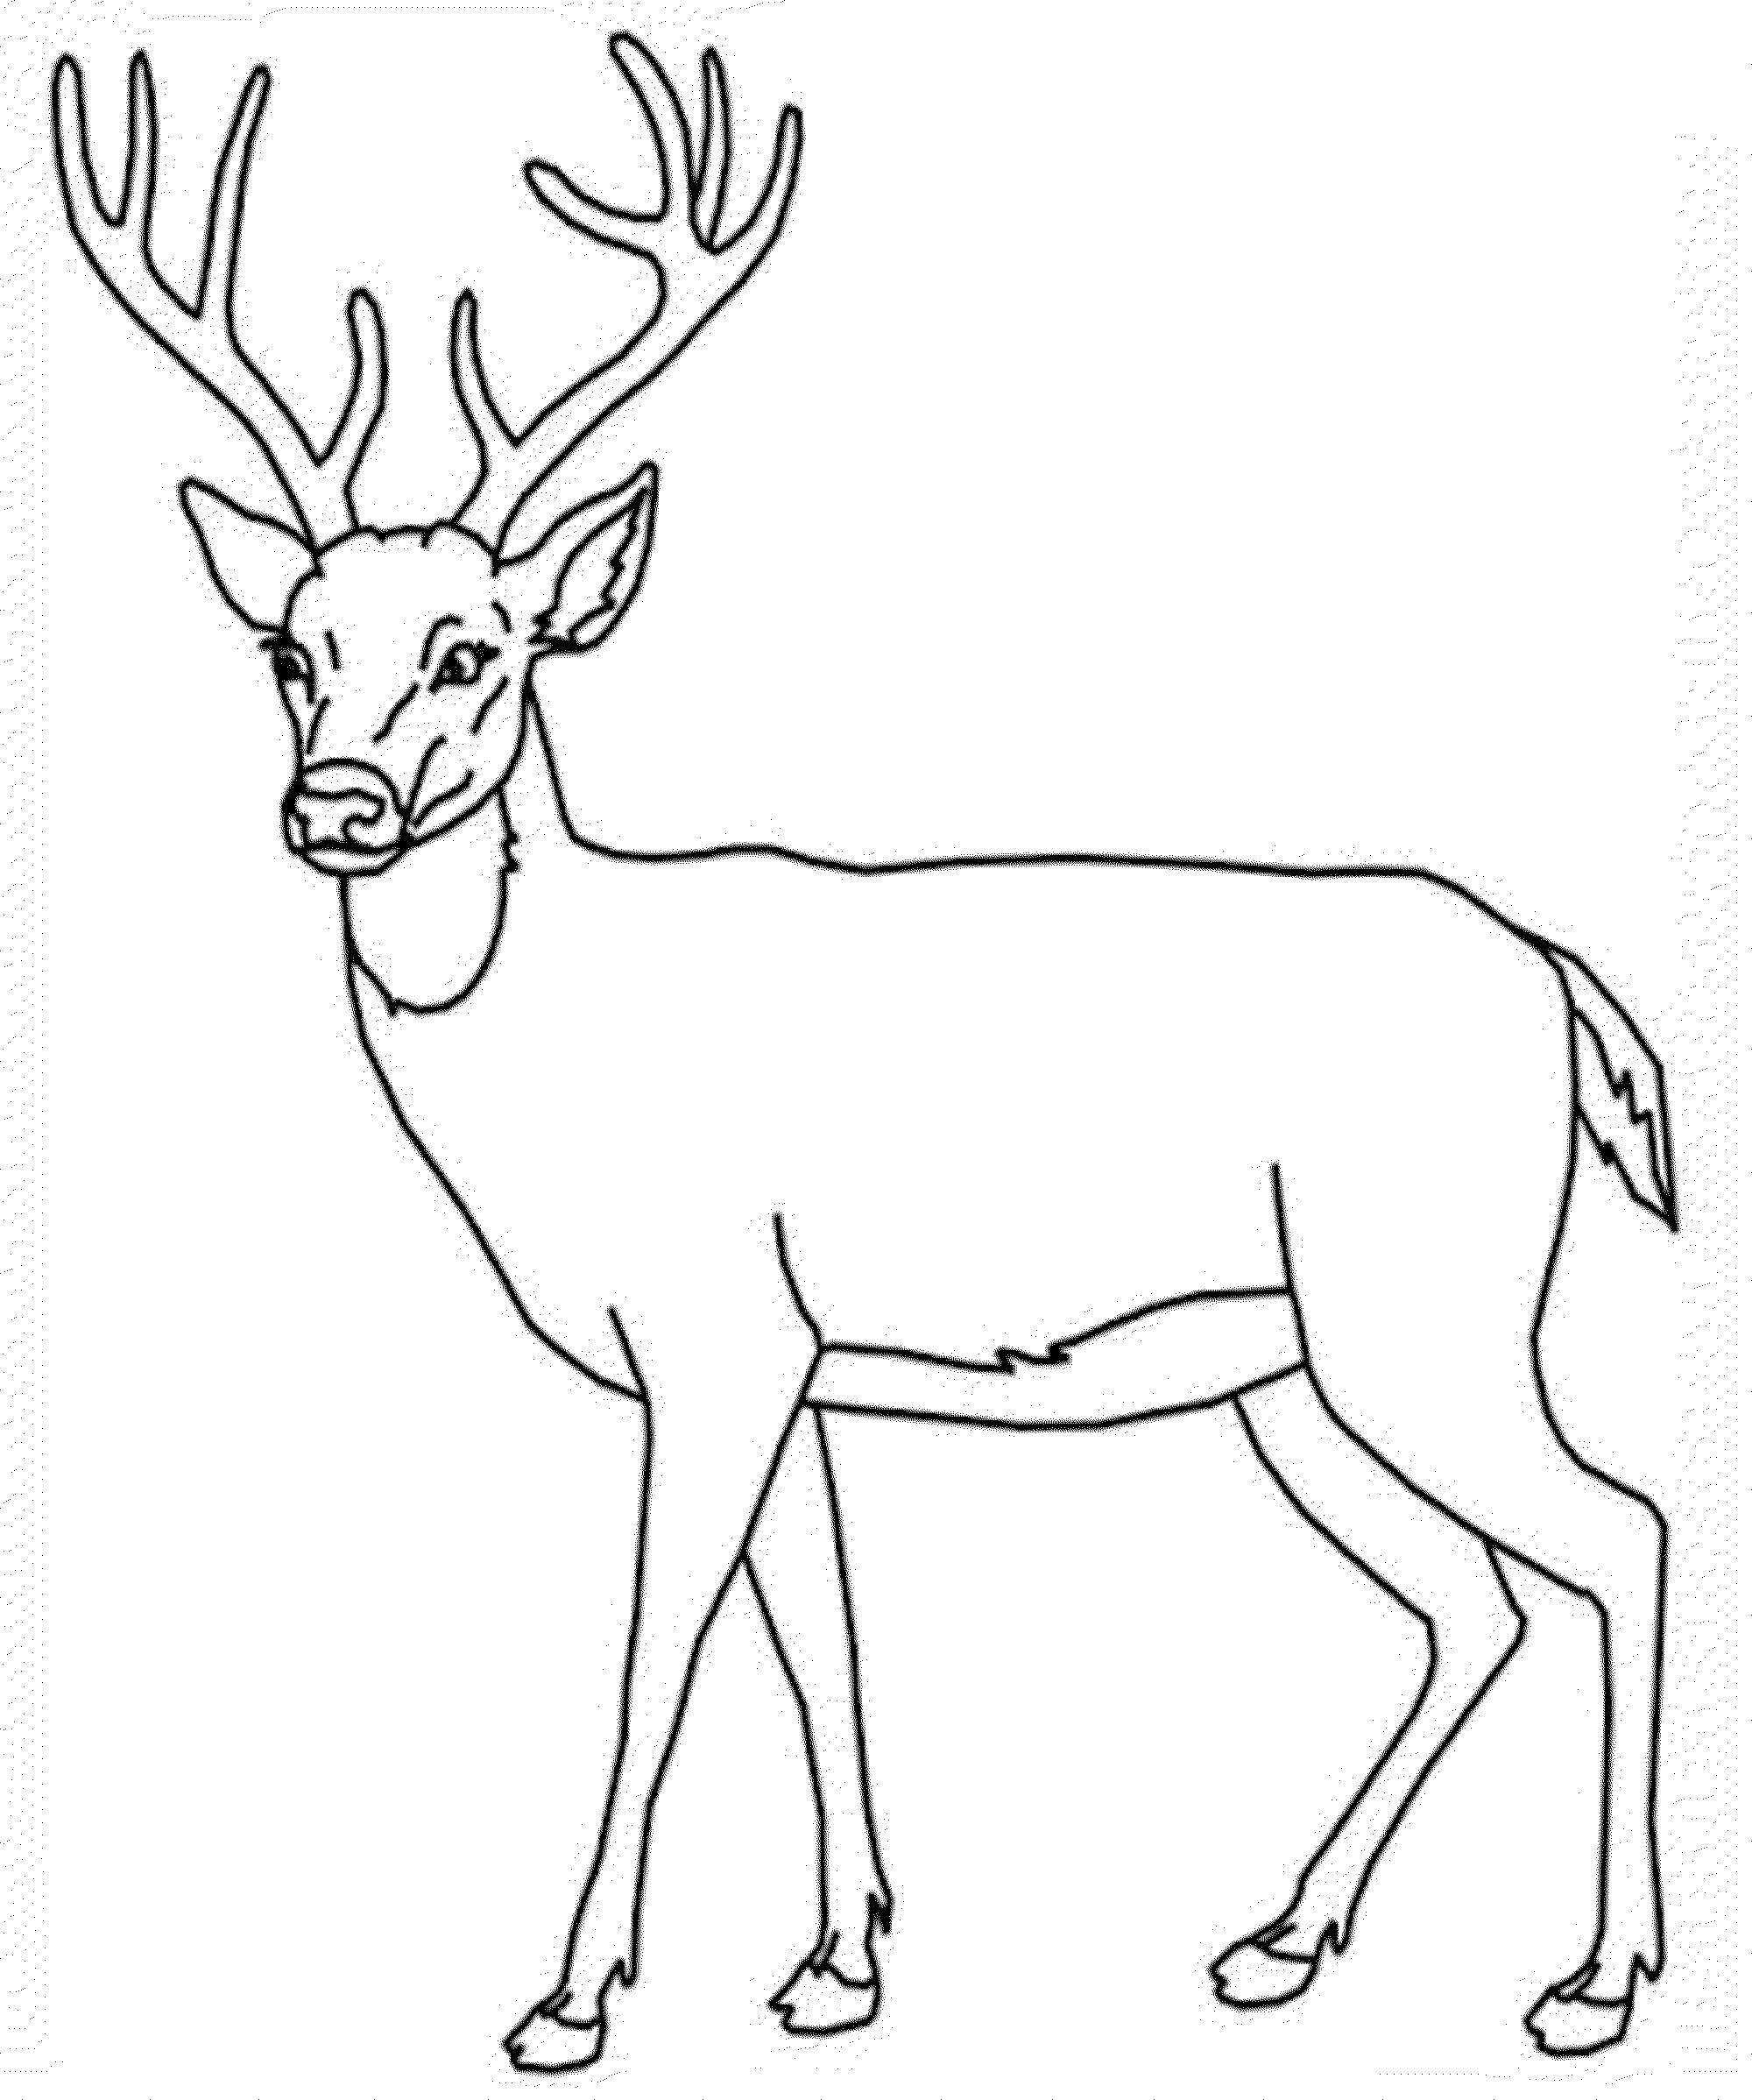 coloring pages of deer print download deer coloring pages for totally of deer pages coloring